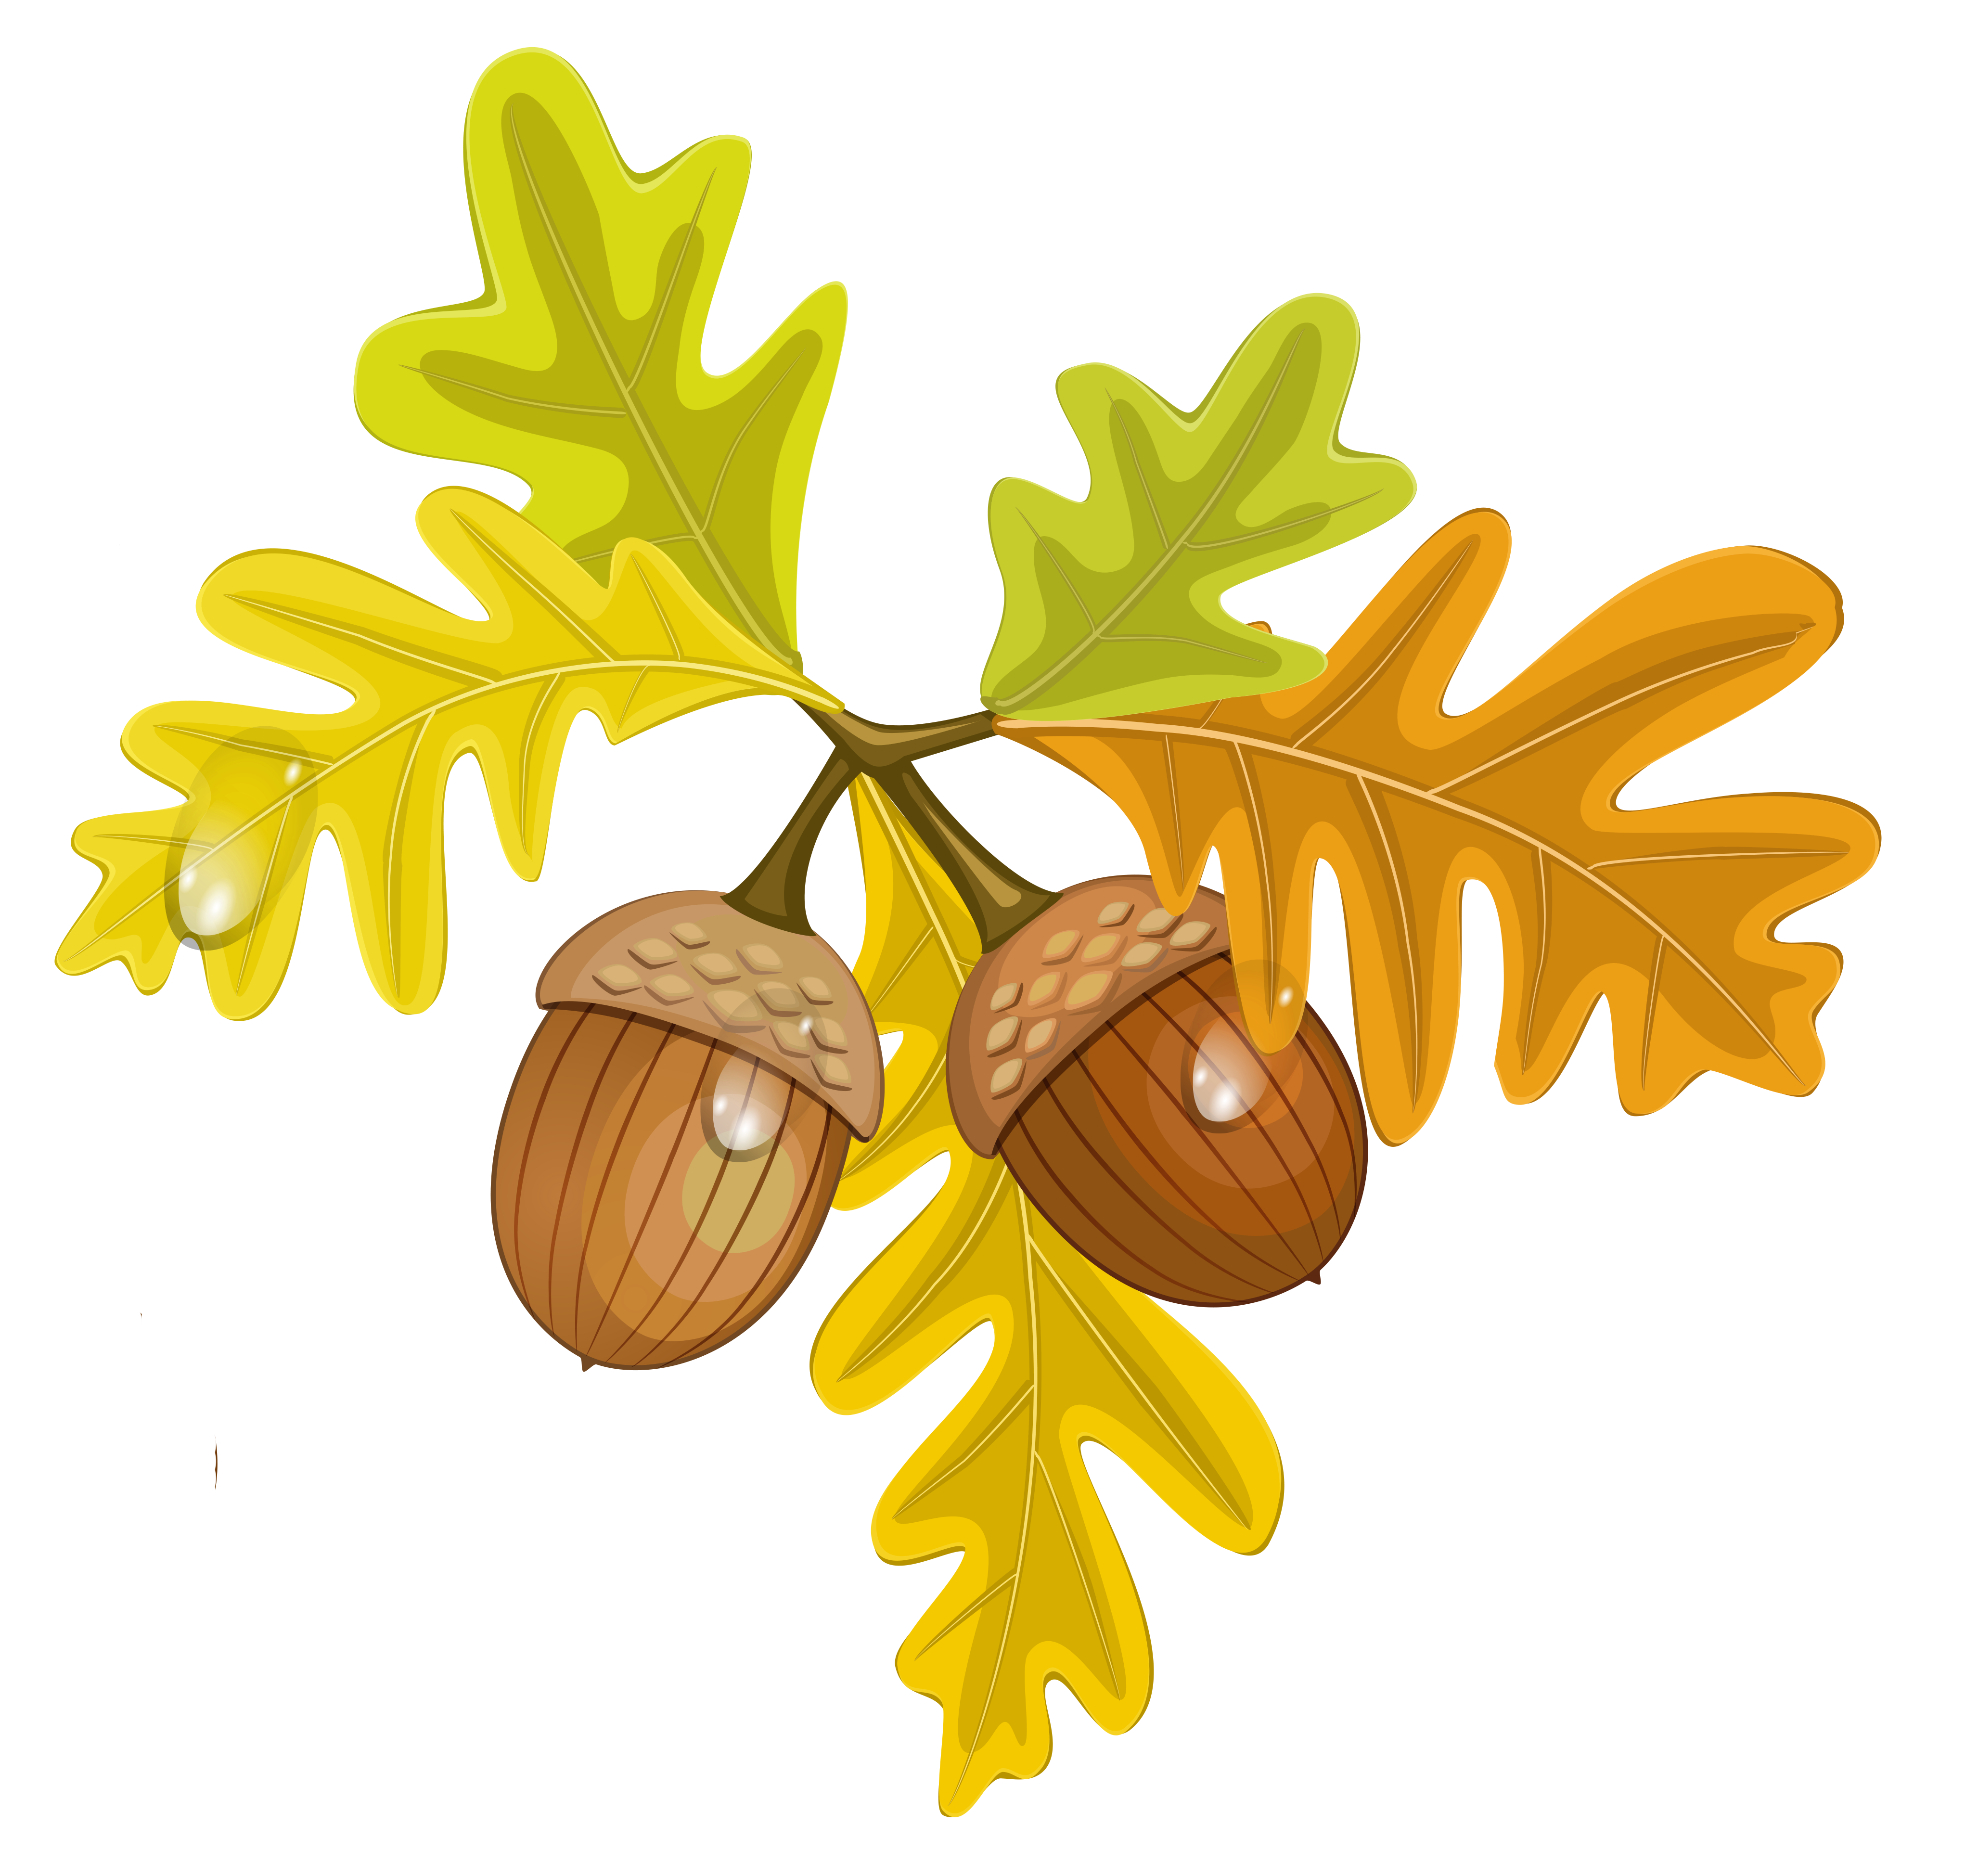 Acorn clipart yellow Clipart Boarder Clipart Boarder Acorns